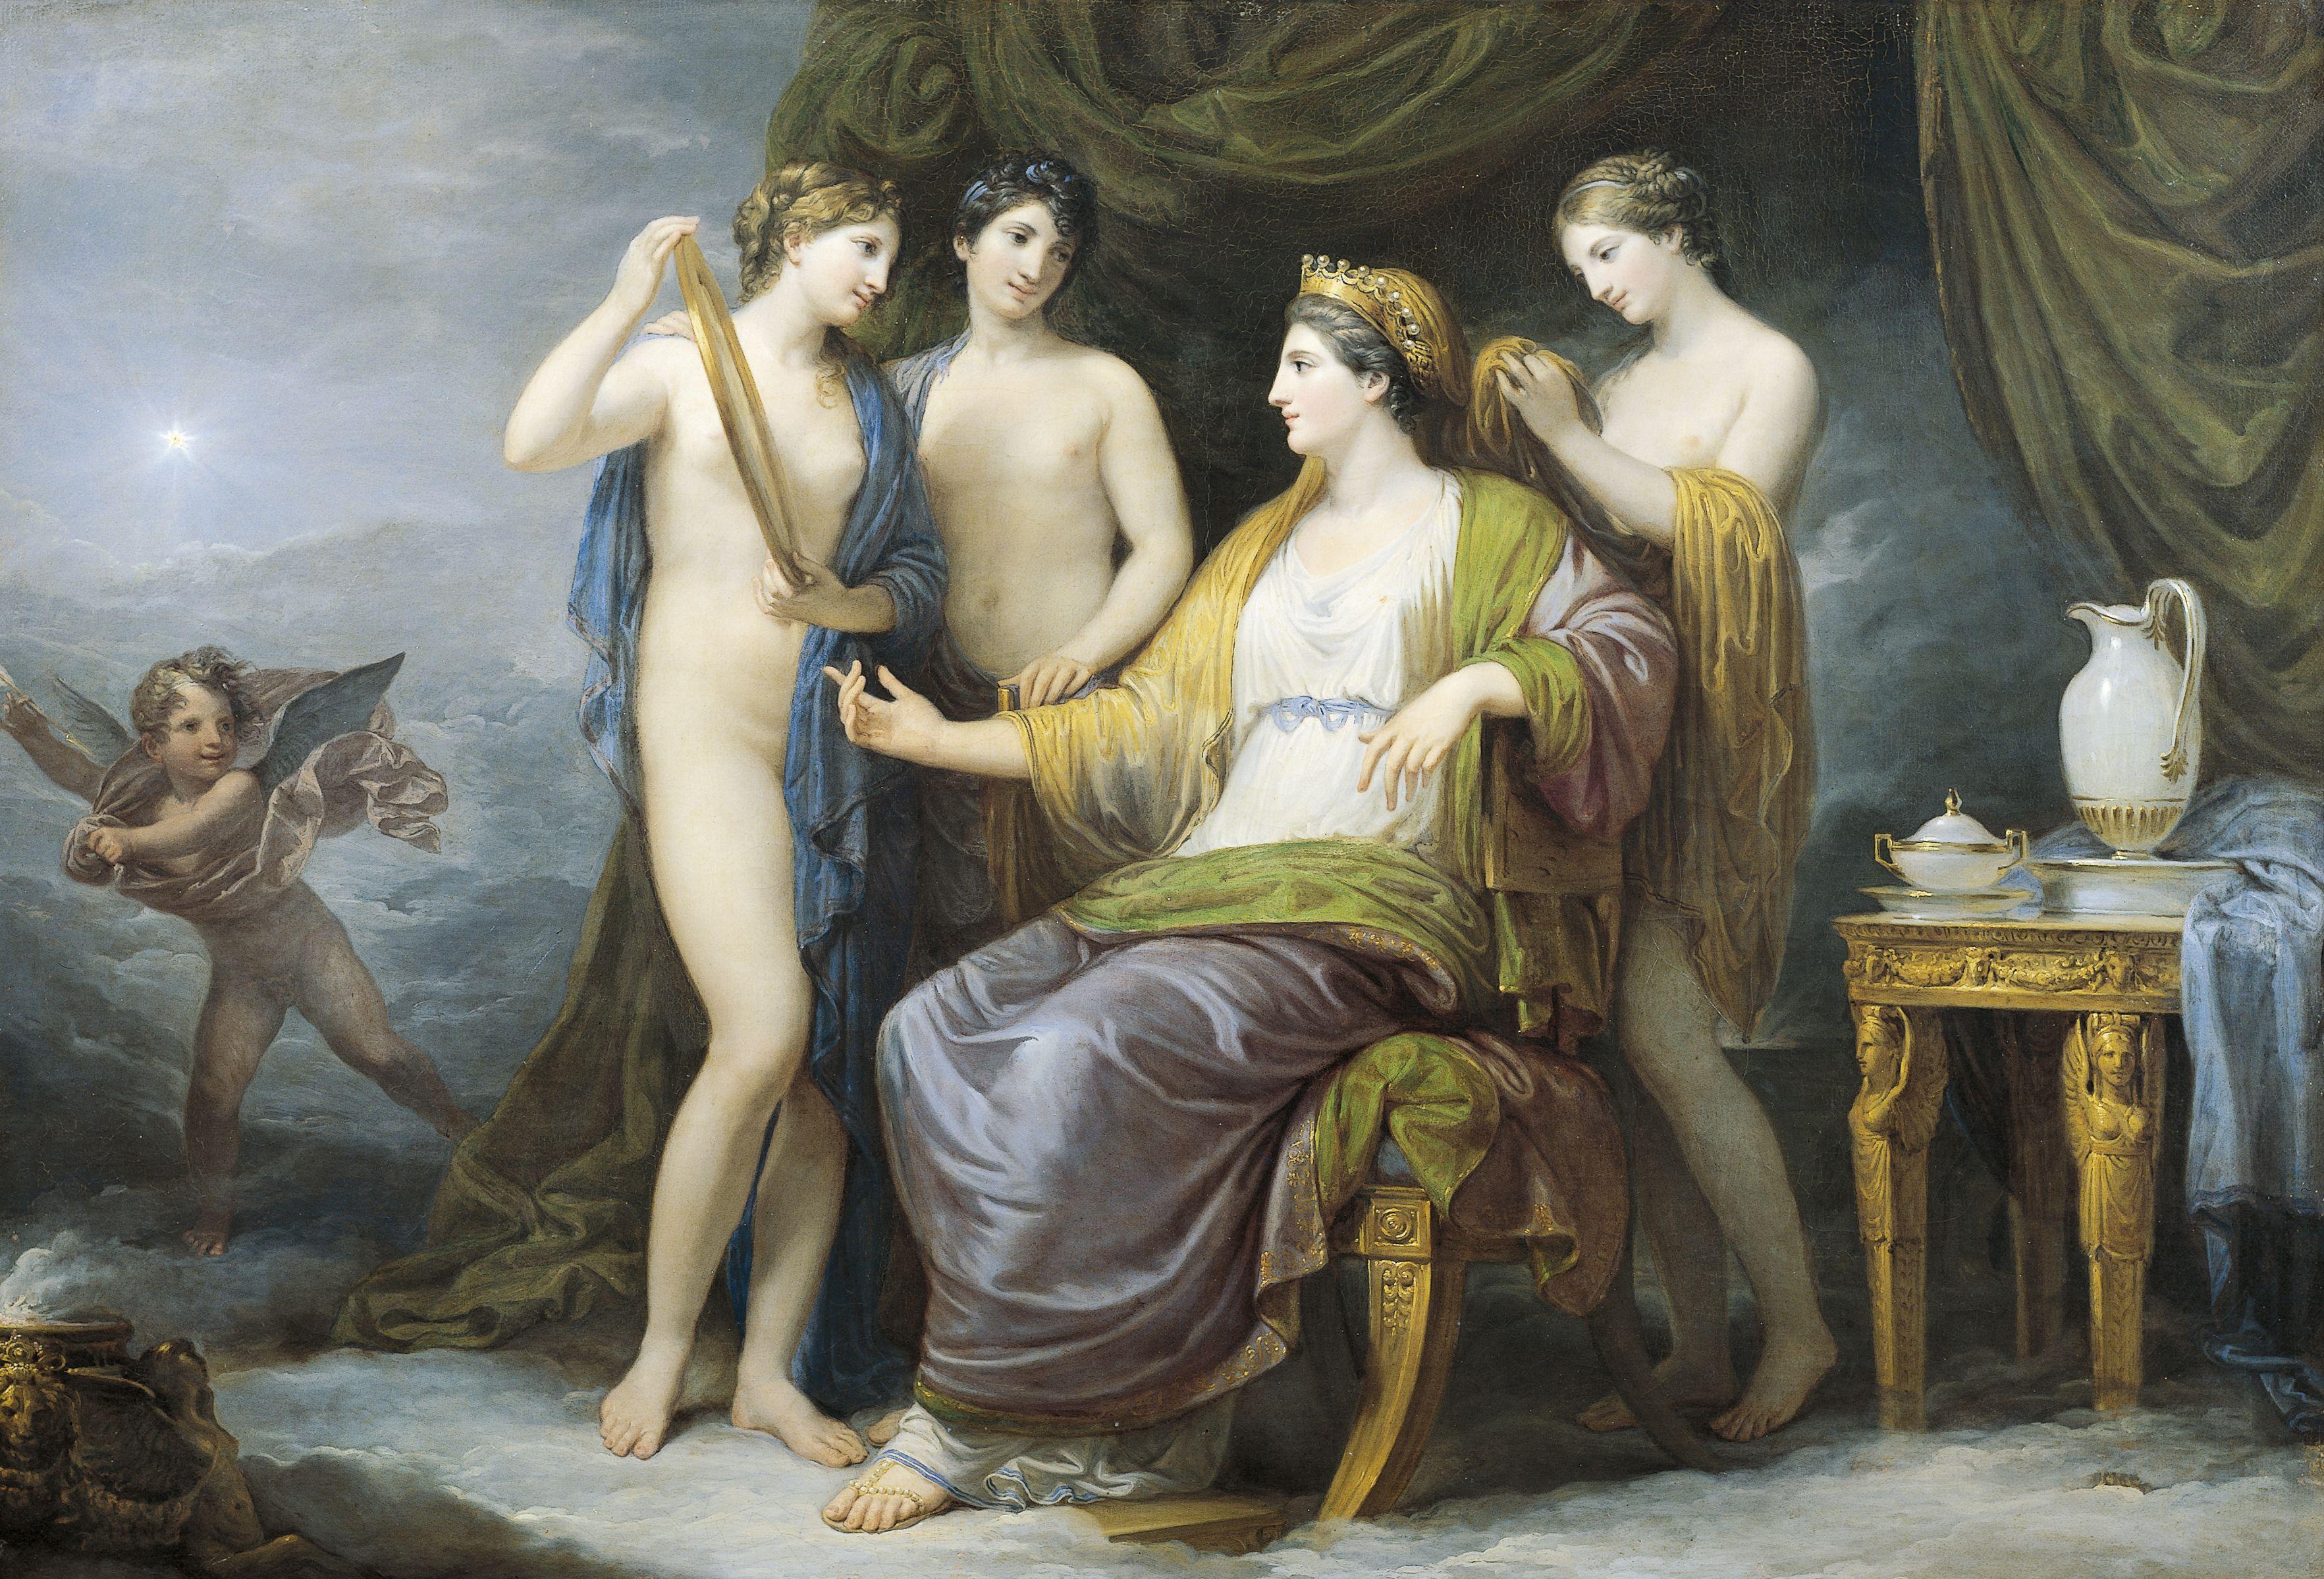 Juno Baden oder Juno von Graces, von Andrea Appiani (1754-1817), Öl auf Leinwand, 100x142 cm